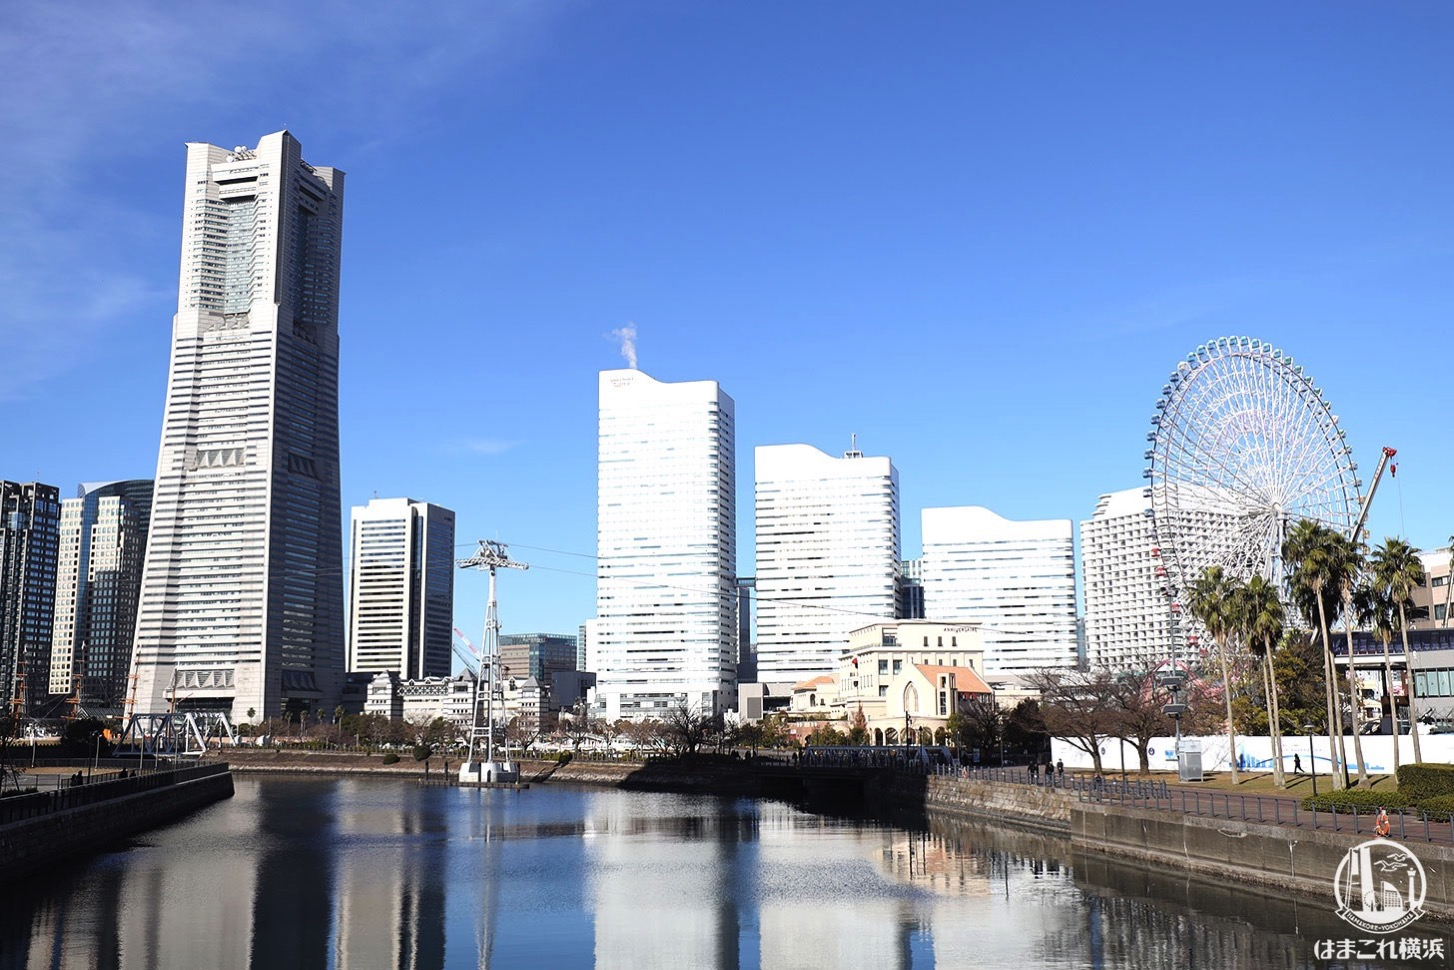 横浜に2021年オープンする新スポット・新施設まとめ!